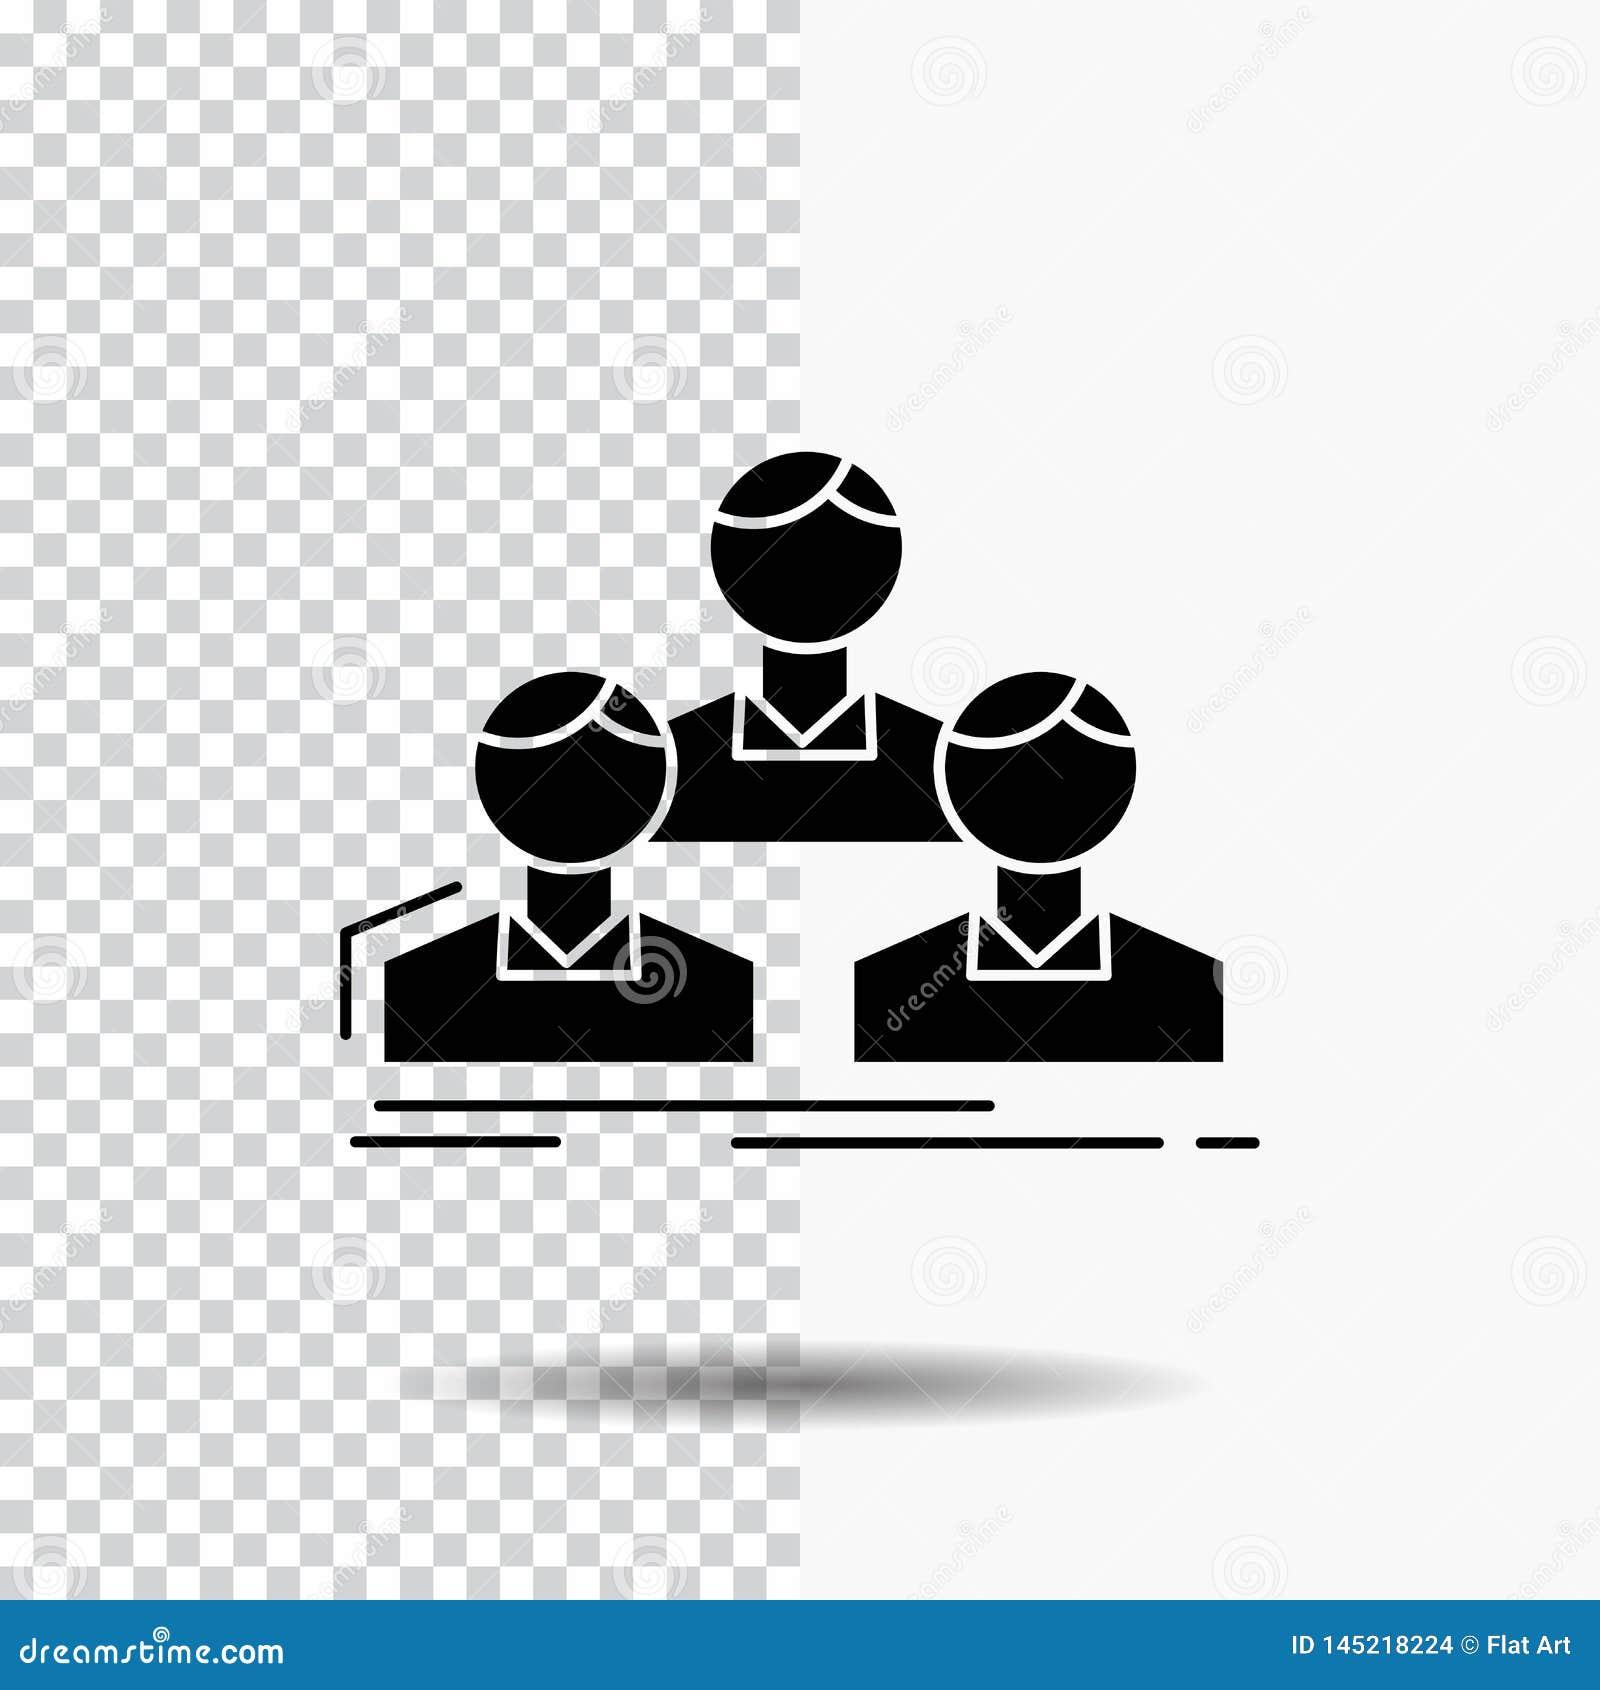 Επιχείρηση, υπάλληλος, ομάδα, άνθρωποι, εικονίδιο Glyph ομάδων στο διαφανές υπόβαθρο r